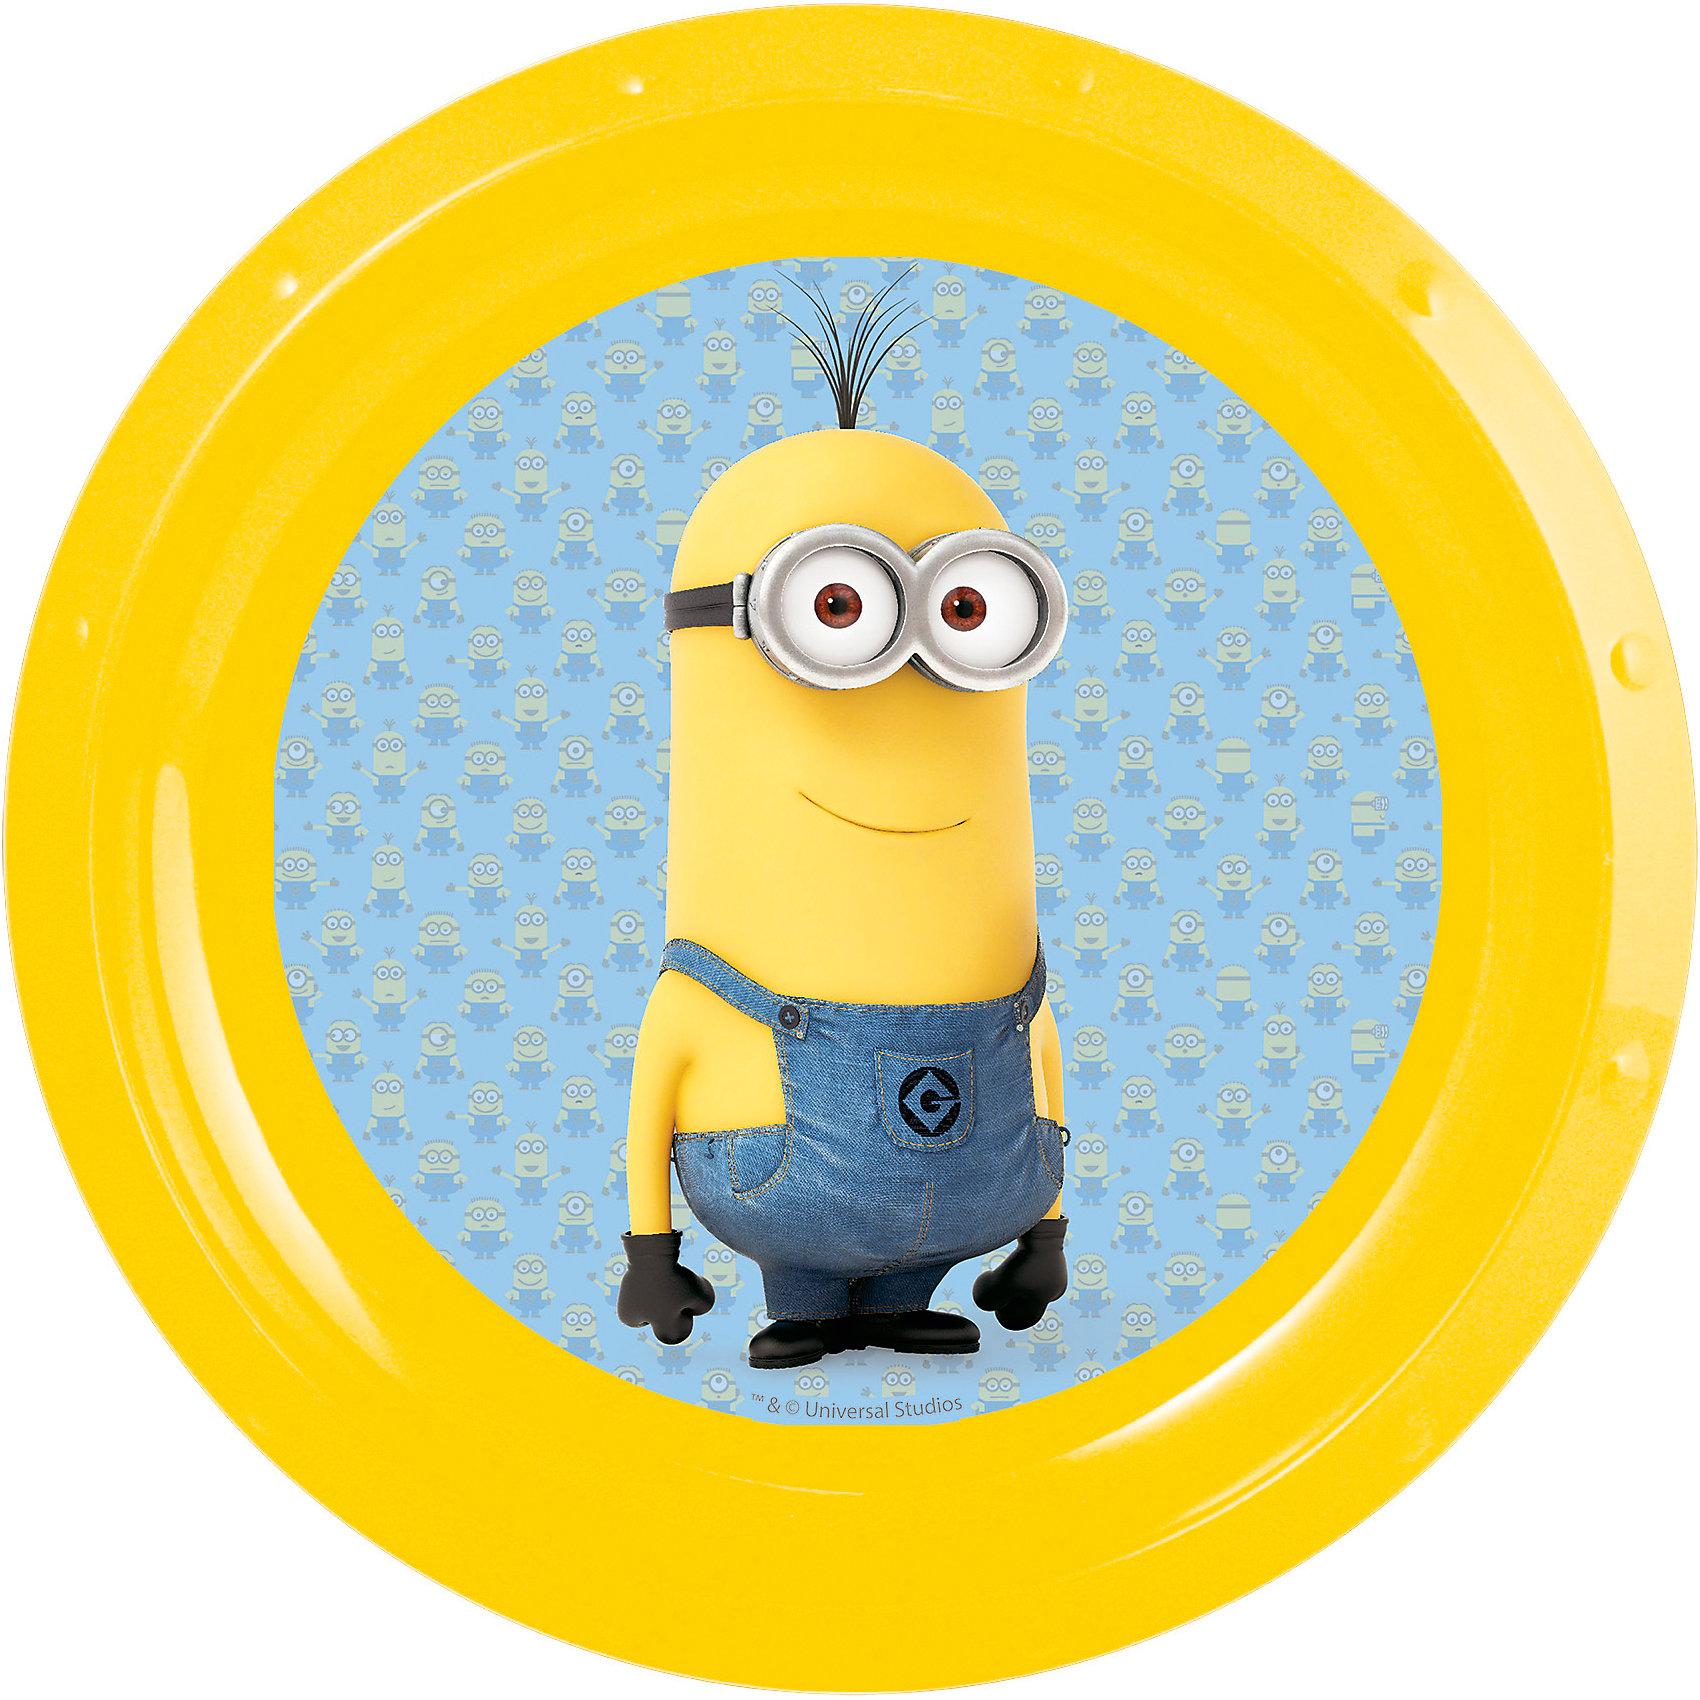 Тарелка Миньоны, диаметр 21,5 смМиньоны<br>Яркая пластиковая тарелка с изображением симпатичных героев популярного мультфильма «Гадкий Я » миньонами, отличается высоким качеством пластика, безопасна для здоровья ребенка. <br><br>Дополнительная информация:<br><br>- размер изделия -21.5*21.5*1.9 см.<br><br>Тарелку  Миньоны , диаметром 21,5 см можно купить в нашем интернет-магазине.<br><br>Ширина мм: 215<br>Глубина мм: 215<br>Высота мм: 19<br>Вес г: 43<br>Возраст от месяцев: 36<br>Возраст до месяцев: 108<br>Пол: Унисекс<br>Возраст: Детский<br>SKU: 4536199